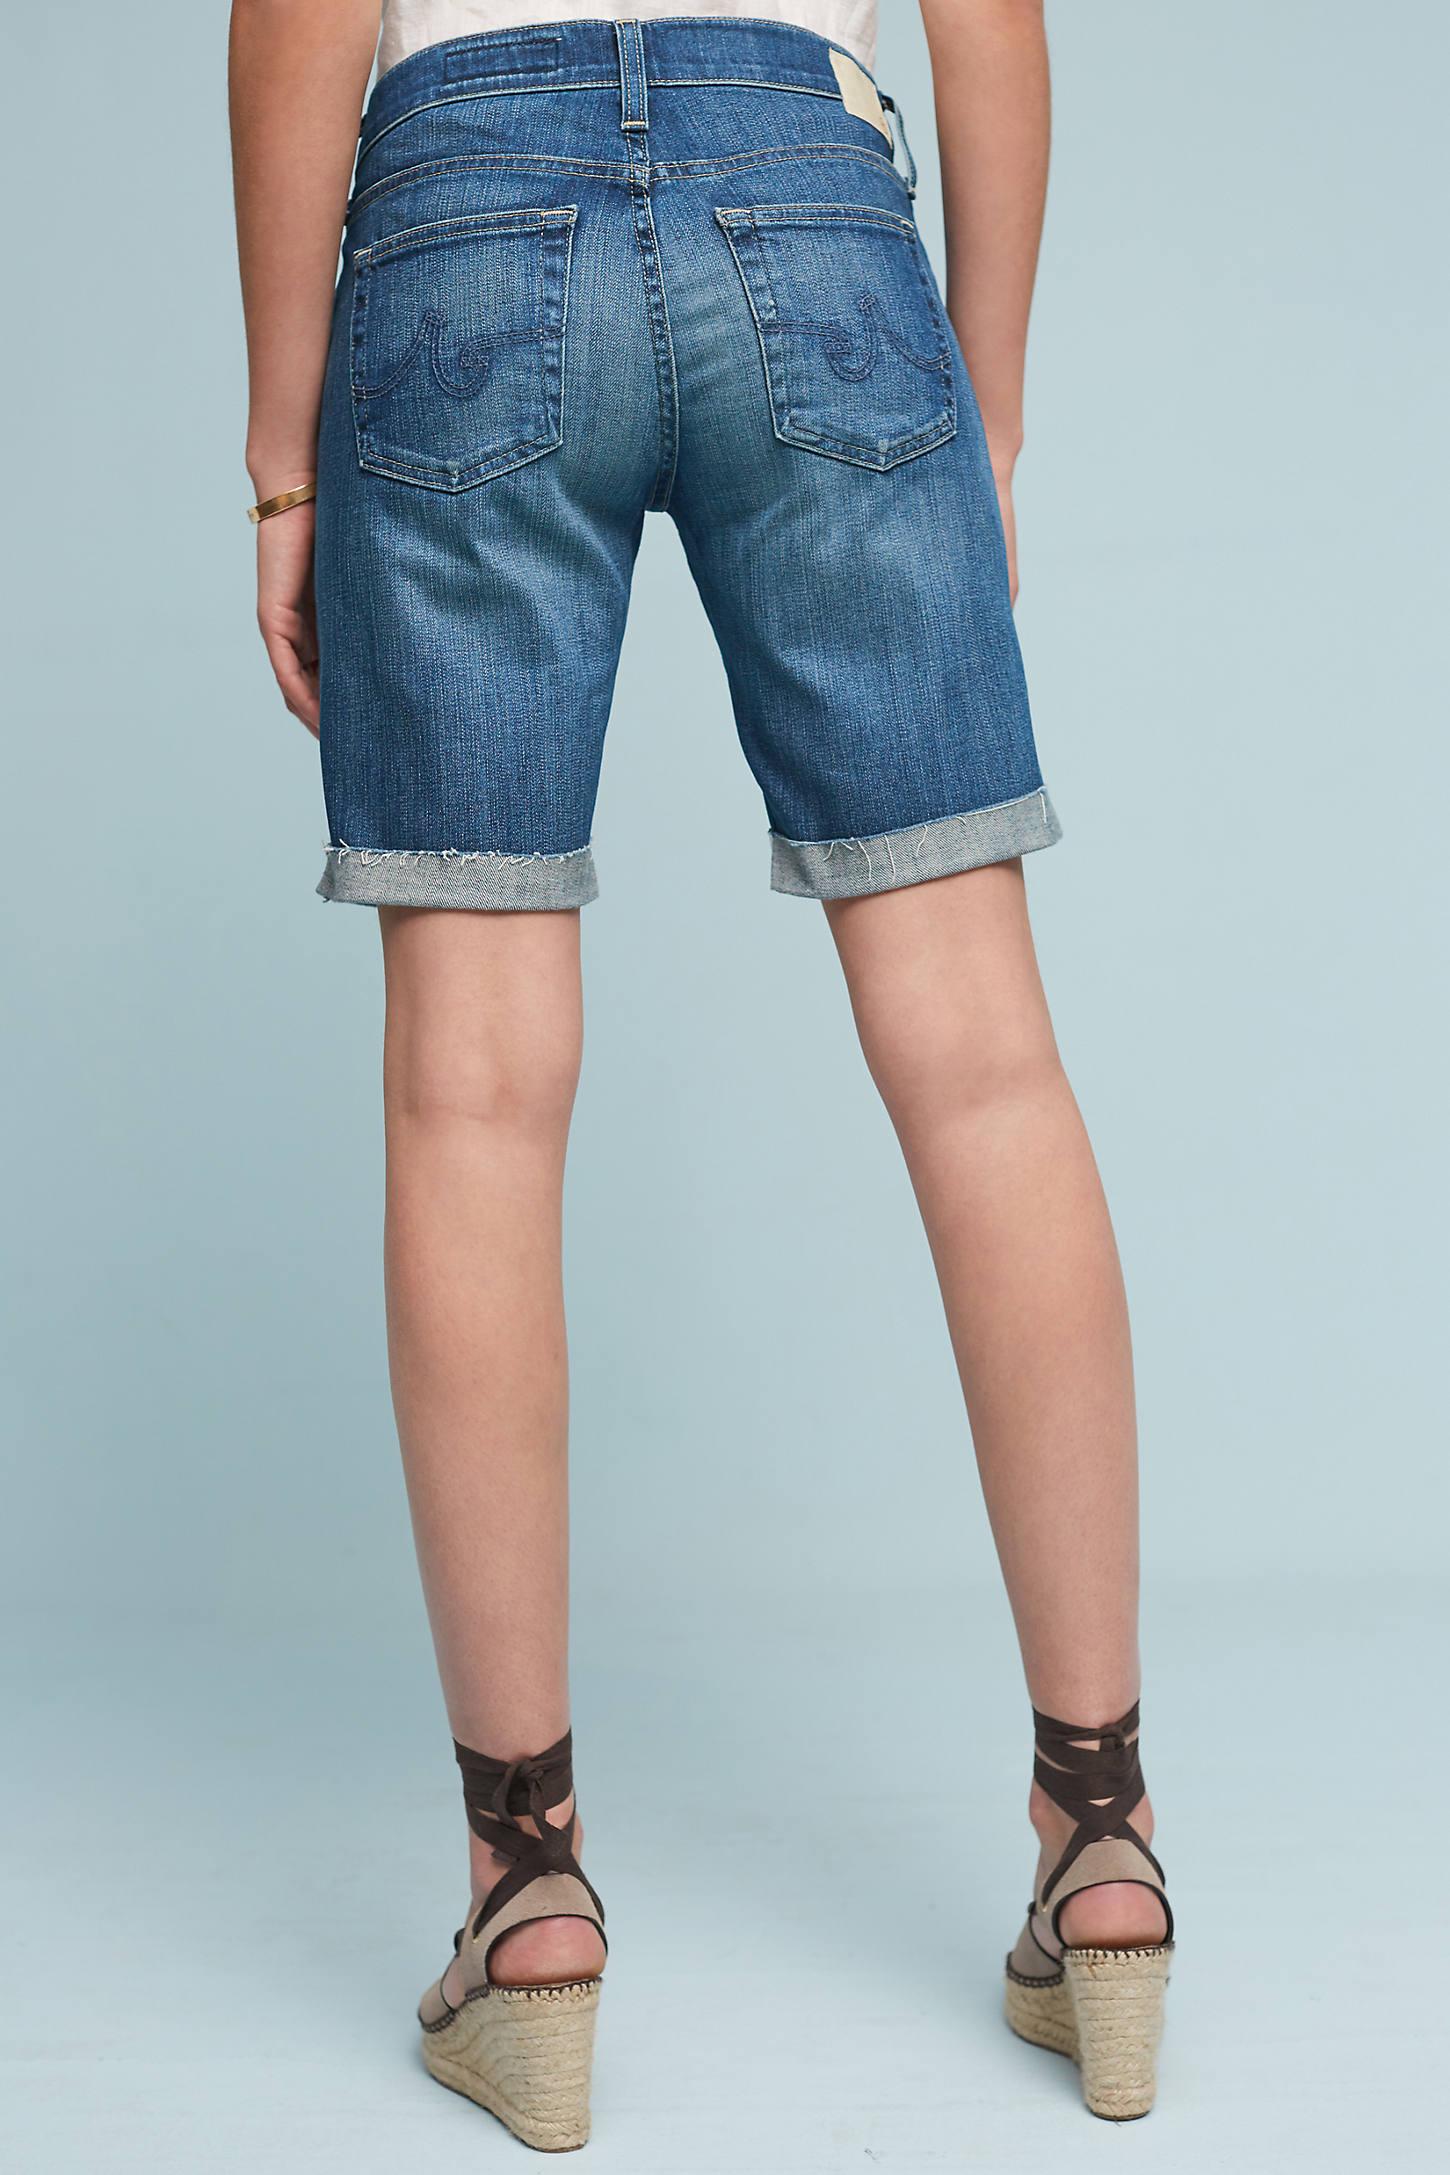 AG Nikki Cuffed Bermuda Shorts